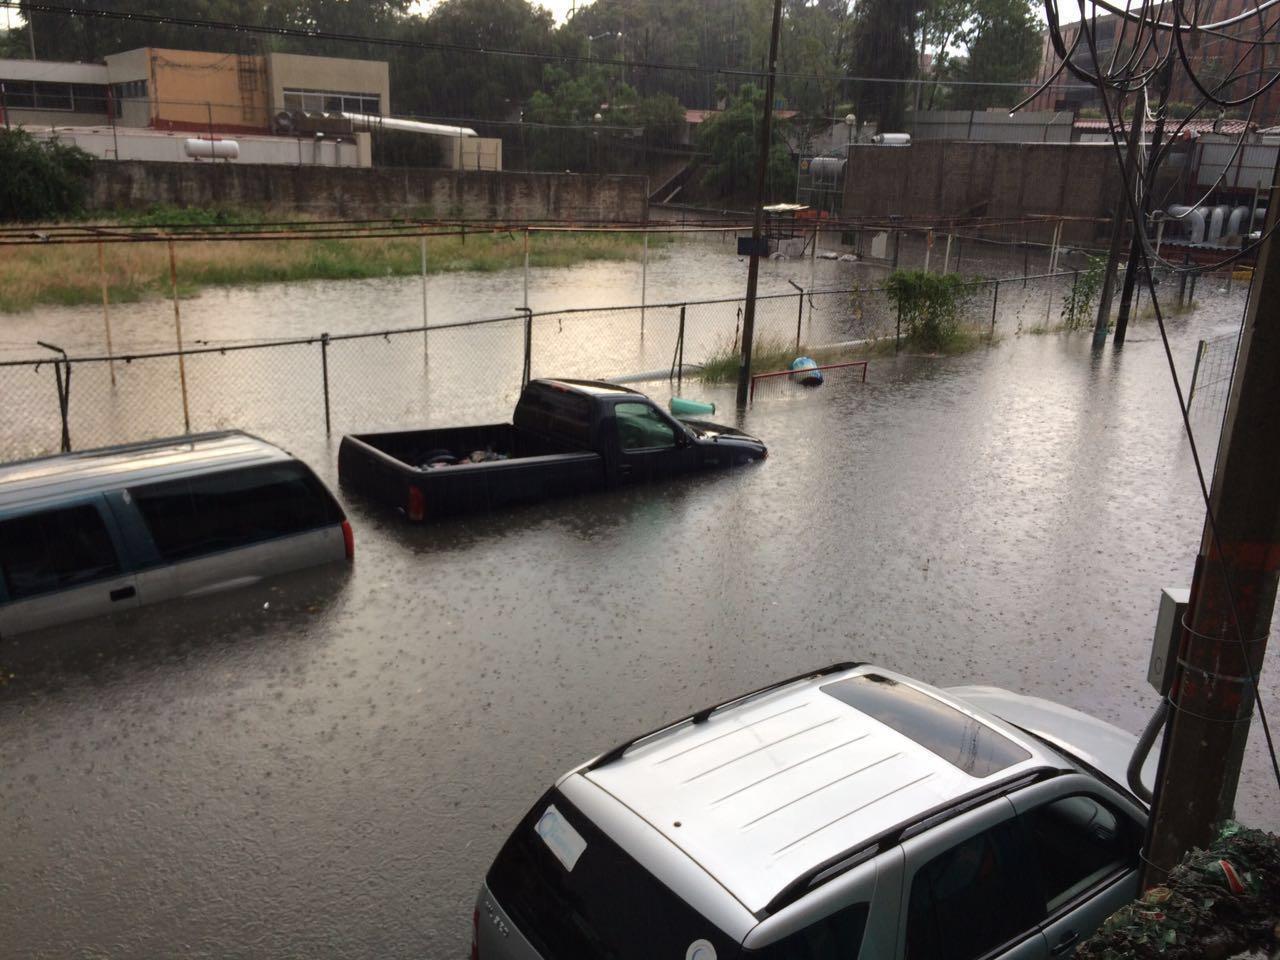 Durante esta semana, fuertes lluvias se suscitaron en la ciudad de Guadalajara, en donde distintas colonias presentaron graves afectaciones; una de las más destrozadas es la colonia Alcalde Barranquitas, en donde los vecinos de la zona se reúsan a dejar sus casas para irse a un hotel y evitar riesgos.